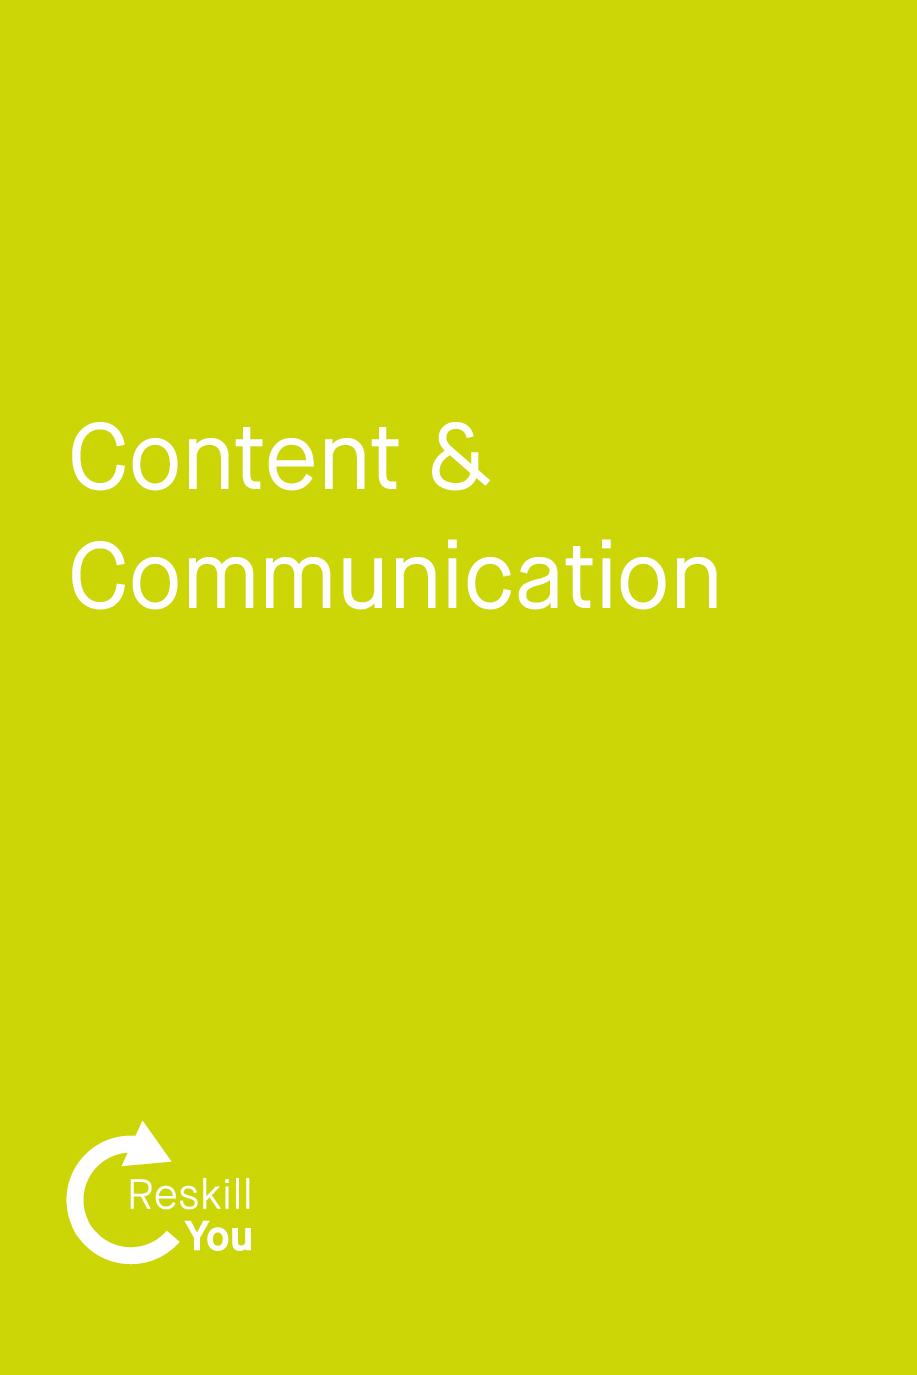 Content & Communication Management